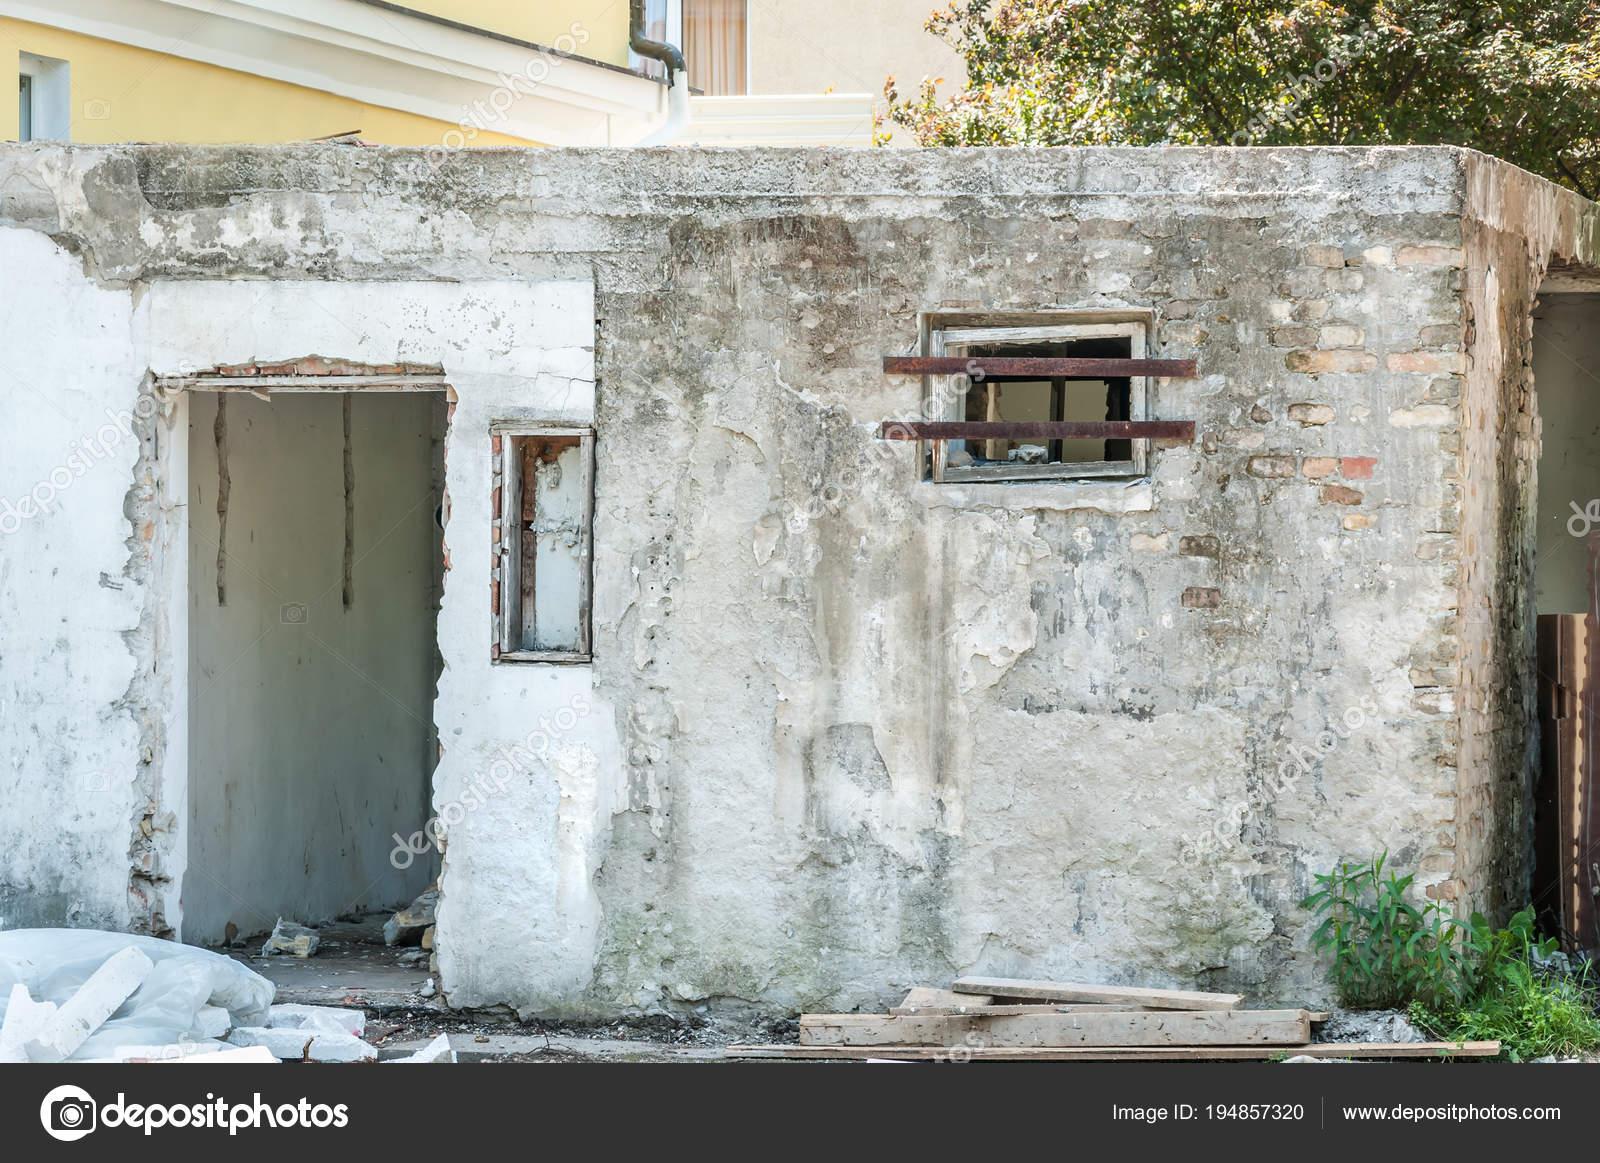 petite maison pr s immeuble avec porte endommag e les murs avec photographie srdjanns79. Black Bedroom Furniture Sets. Home Design Ideas